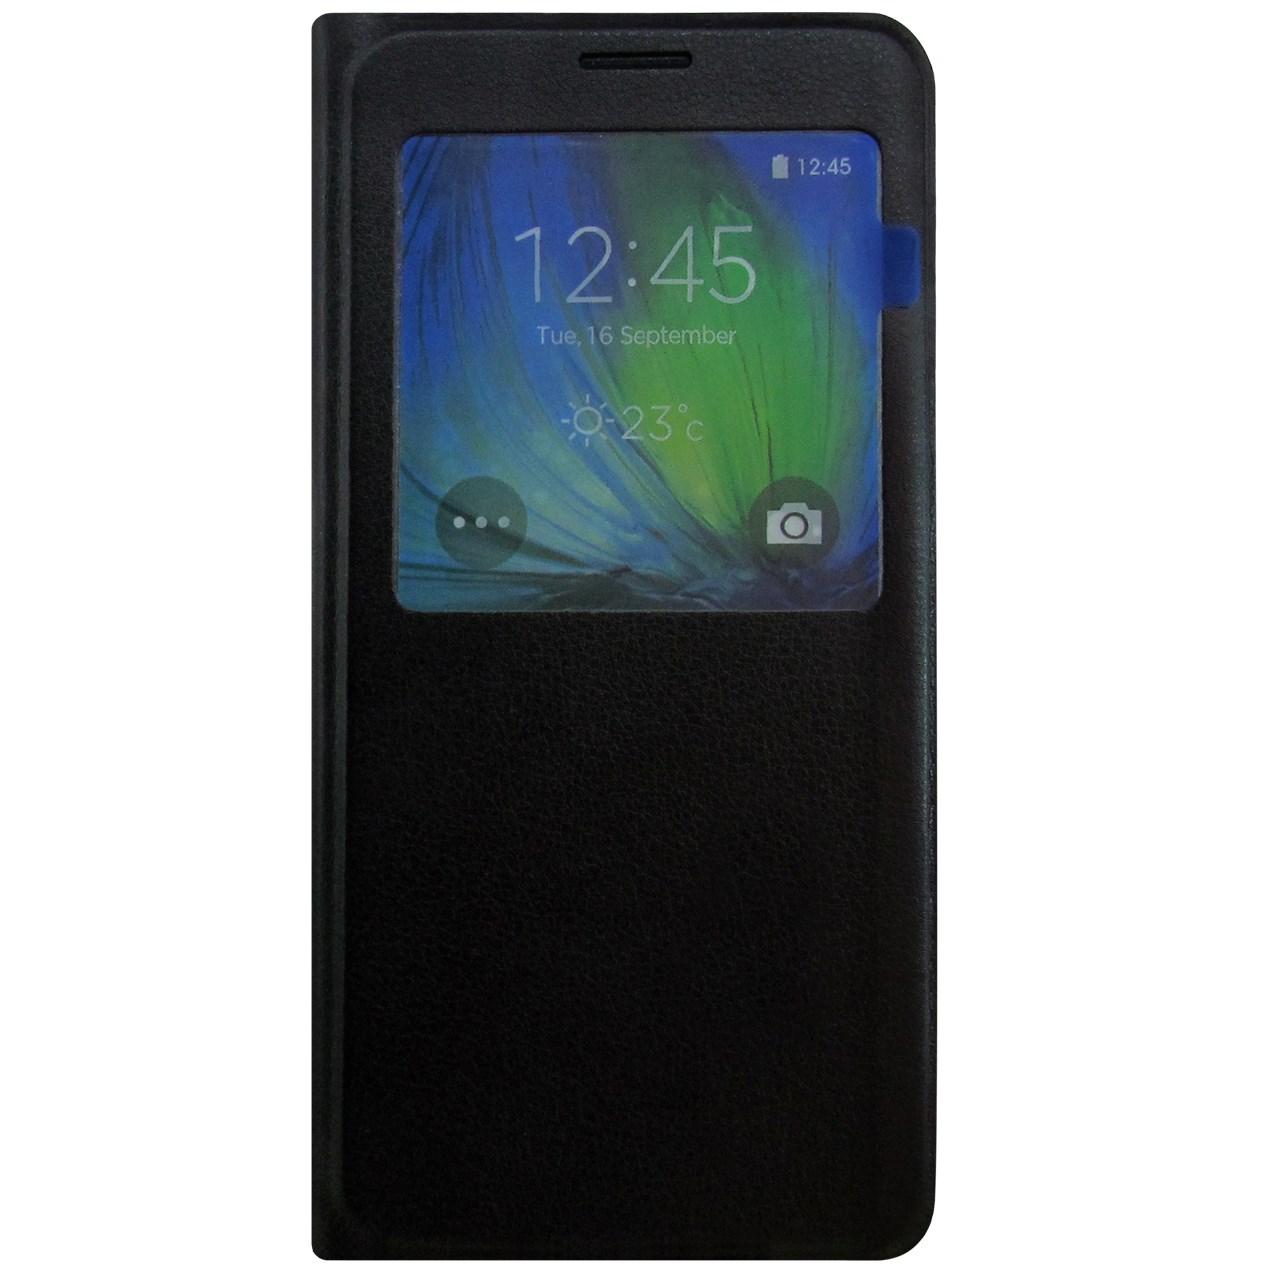 کیف گوشی مدلBook Cover مناسب برای گوشی موبایل سامسونگ گلکسی Note 5